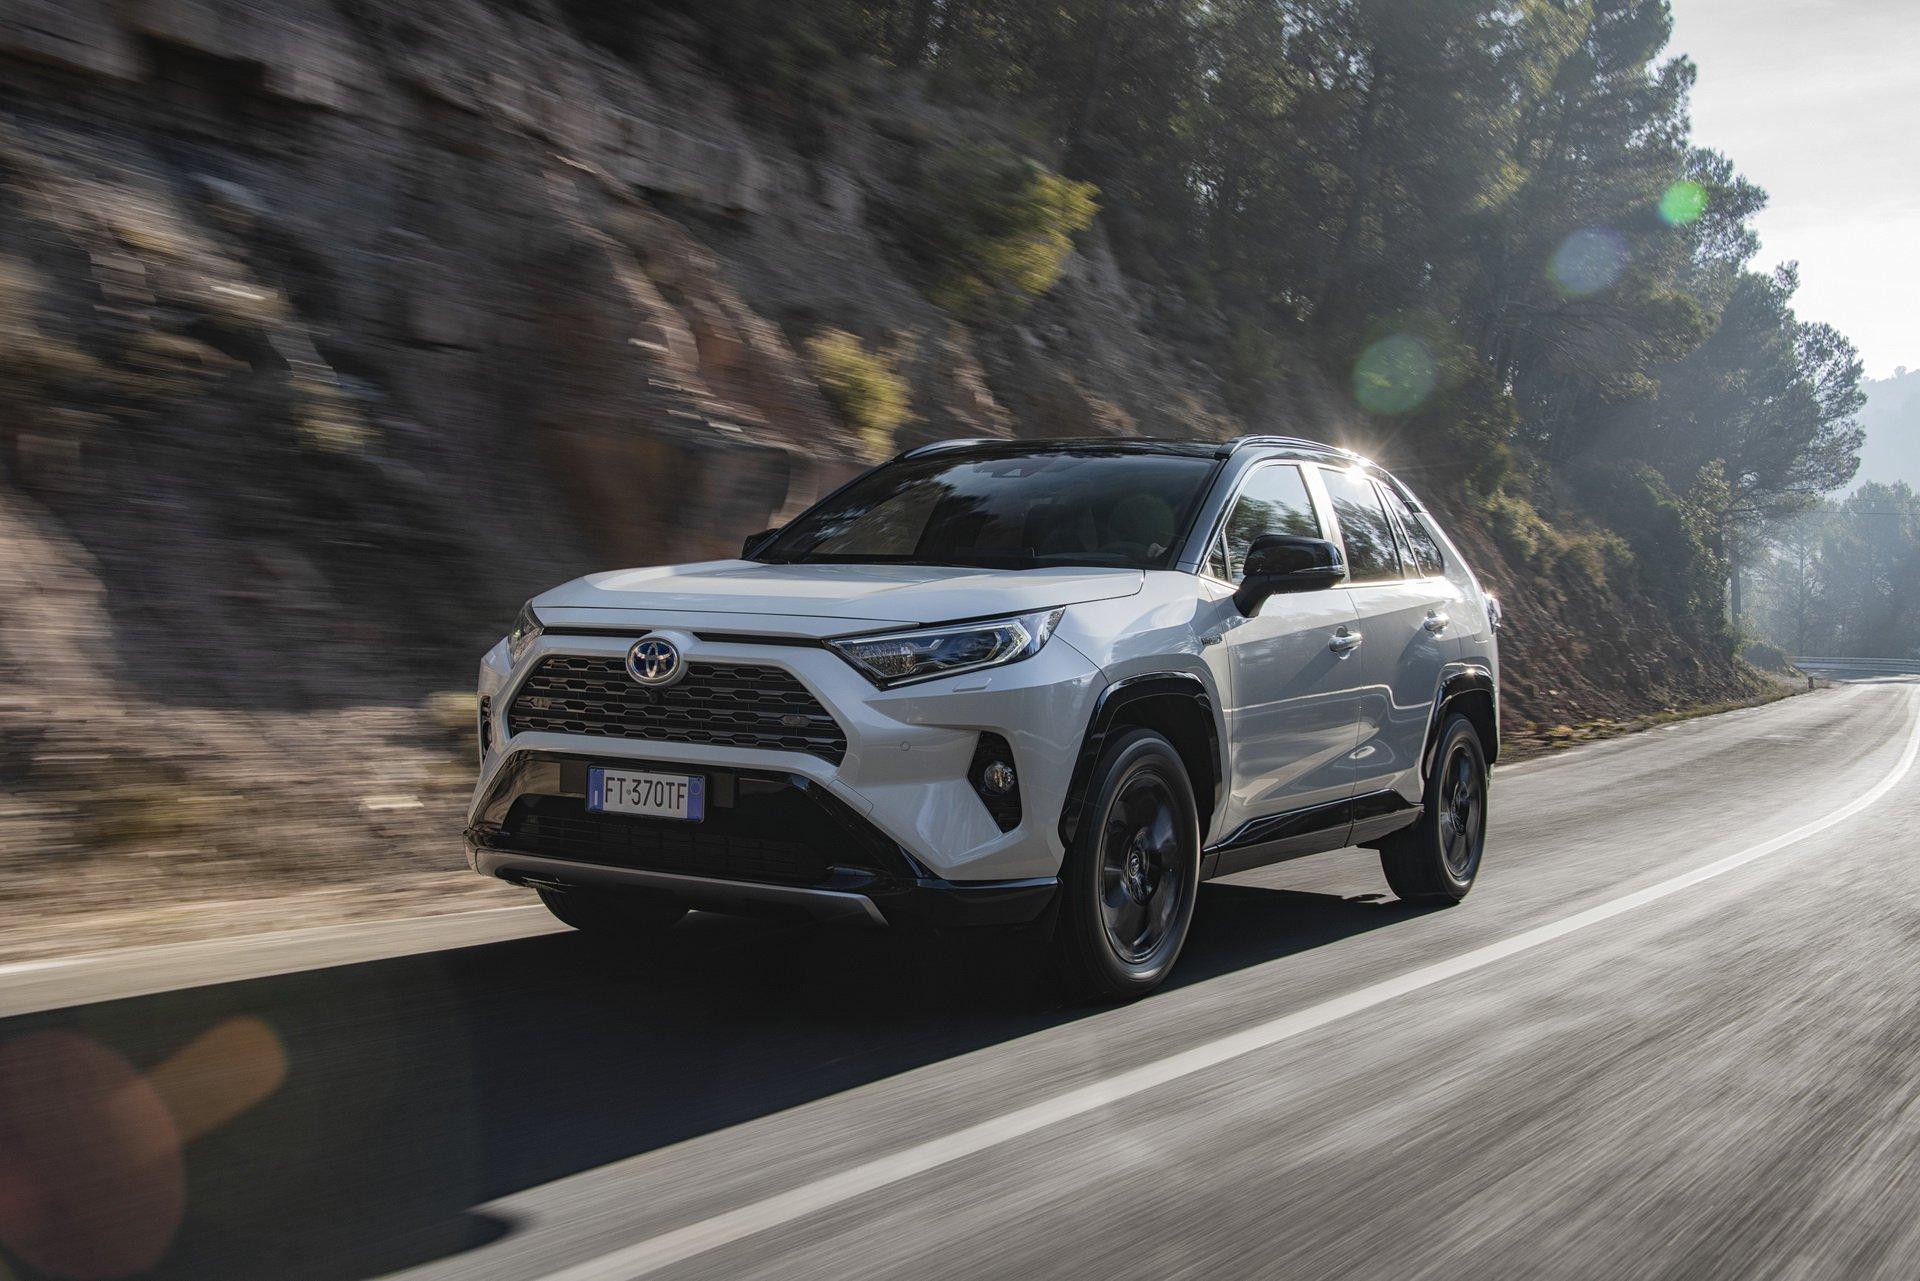 Fique a conhecer tudo sobre o novo Toyota RAV4 Hybrid que será apresentado dentro de dias